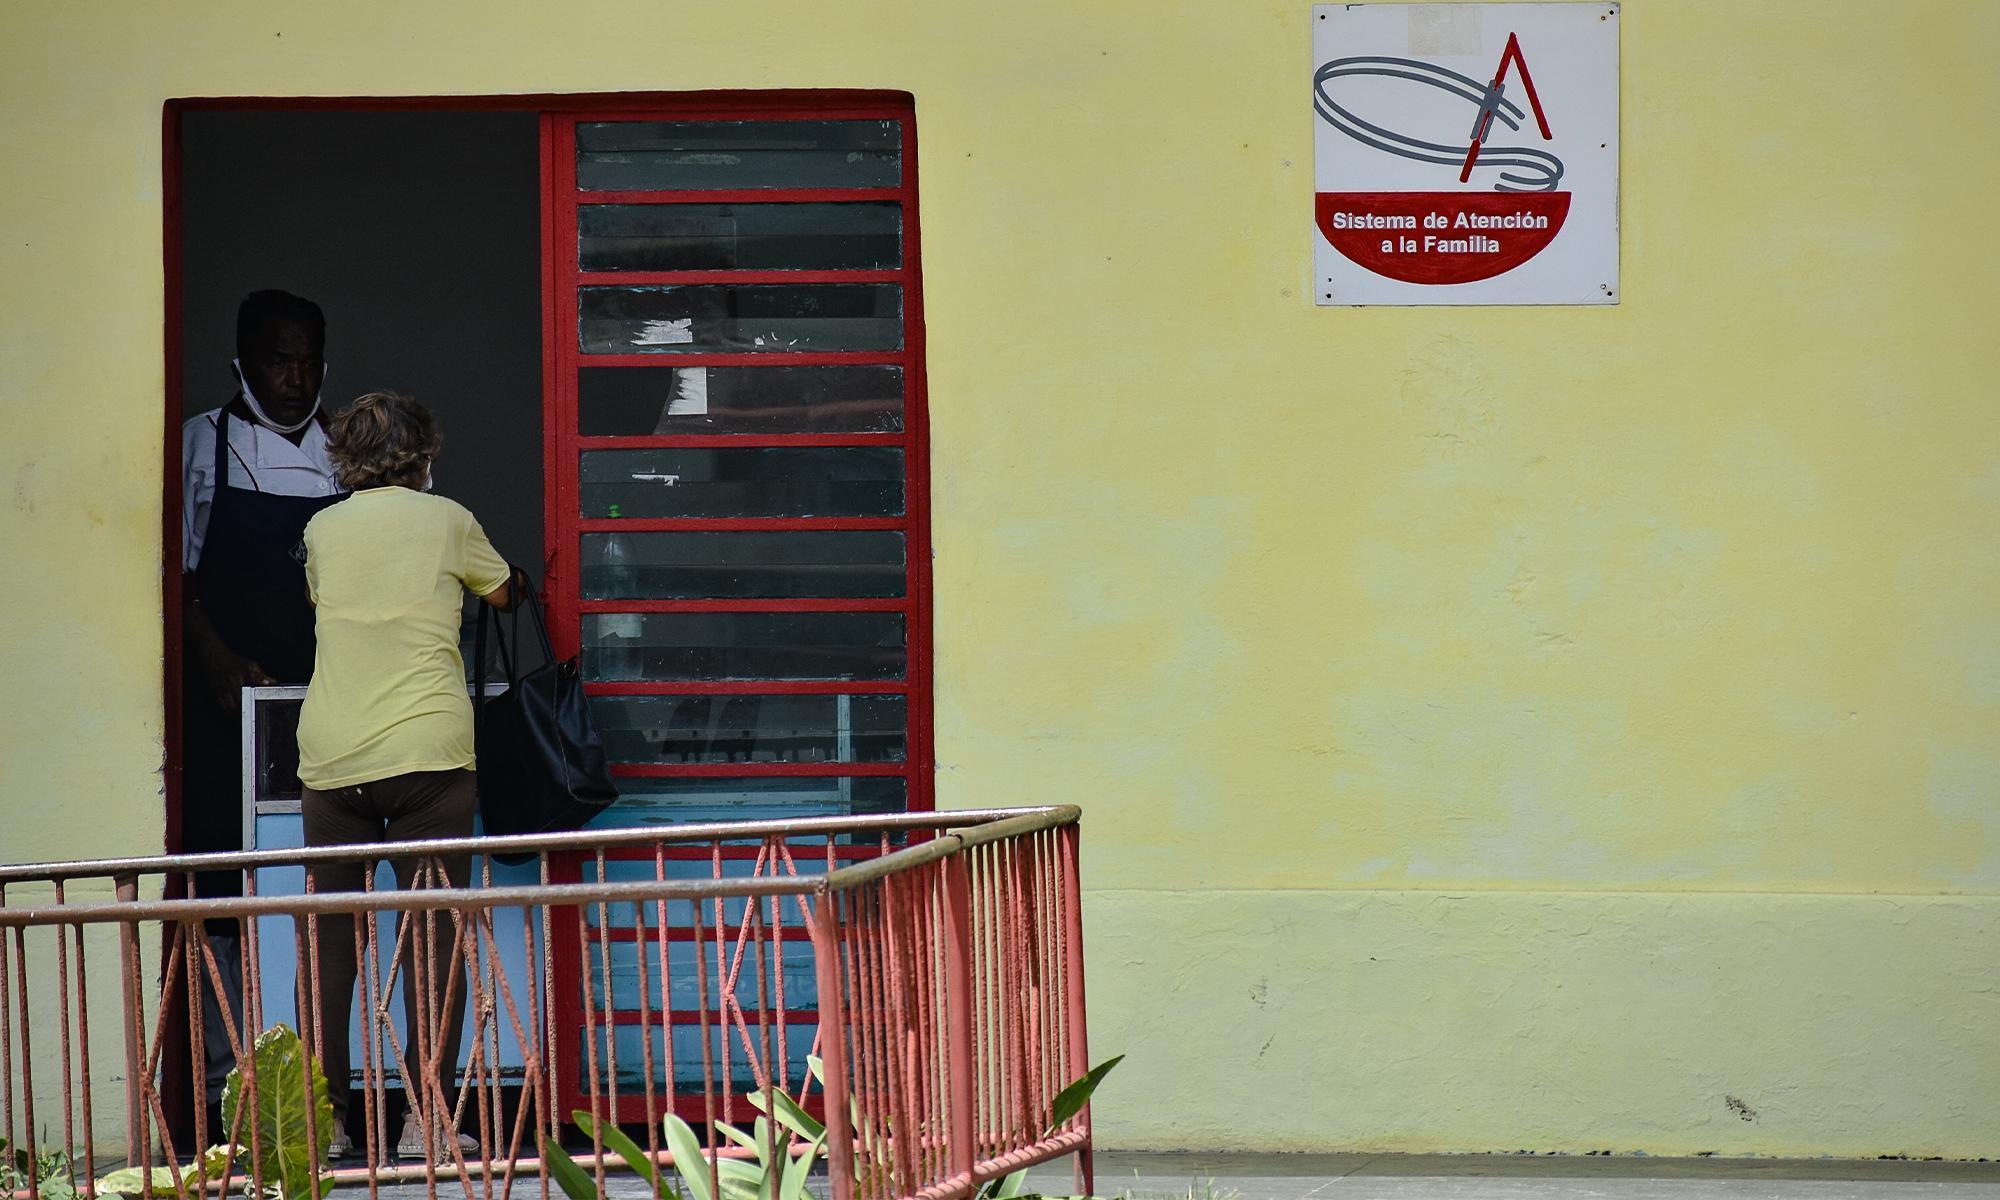 Los 1 445 SAF que existen en todo el país atienden a más de 7 600 personas (Foto: Thalía Alfonso Gómez).